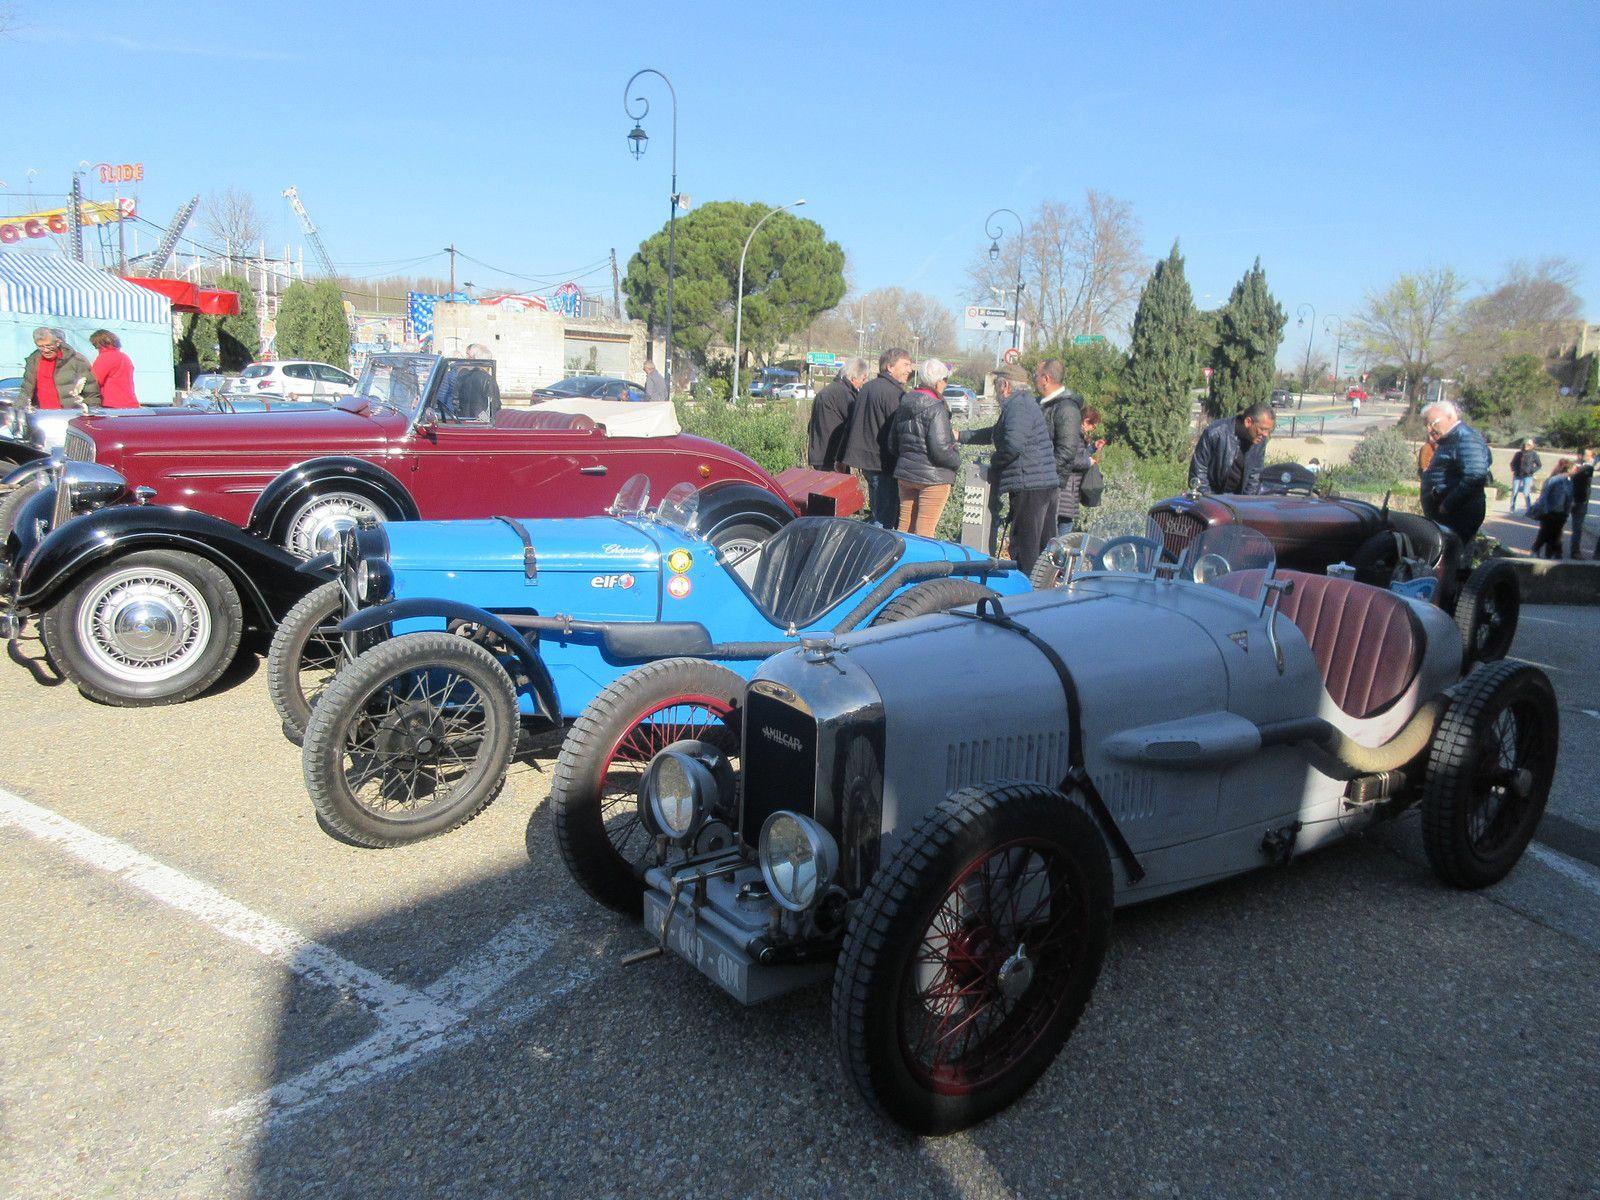 Samedi 22 FÉVRIER 2020 pose d'une  plaque commémorative  des Lieux de l'Histoire  Automobile FFVE   en l'honneur du circuit de vitesse des Allées de l'Oulle à Avignon